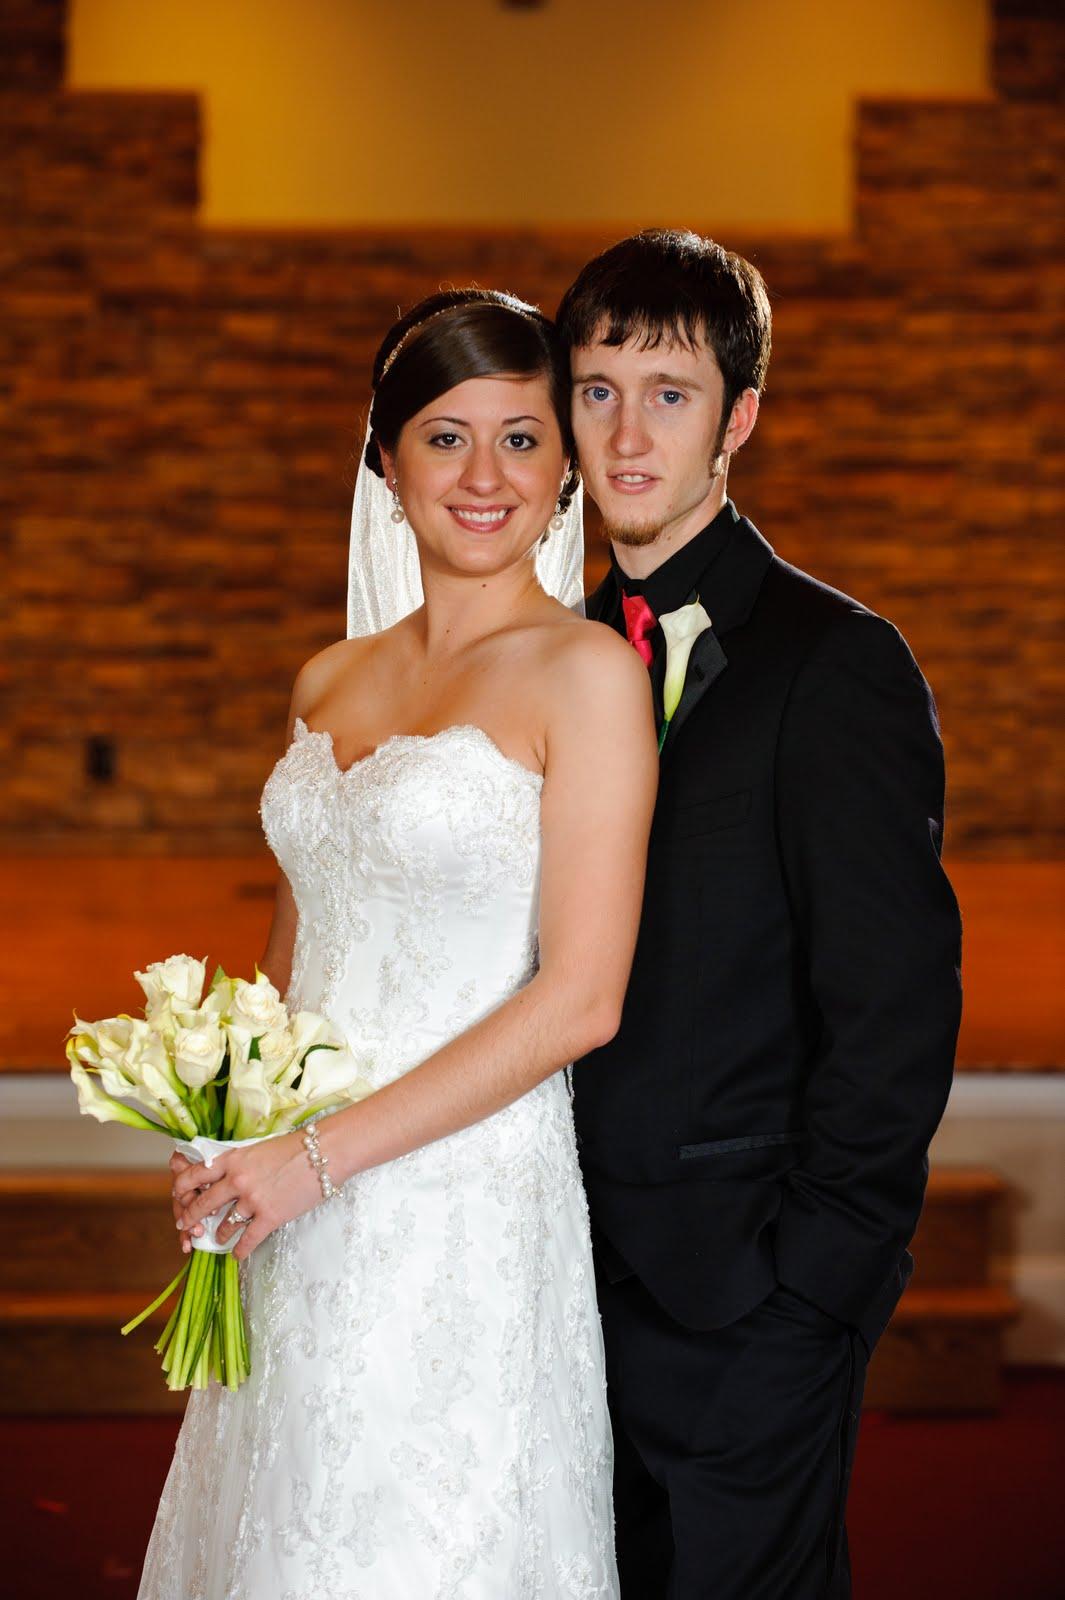 Cable Photography & Video: Megan Kwiakowski & Kenny Hayes - Wedding ...